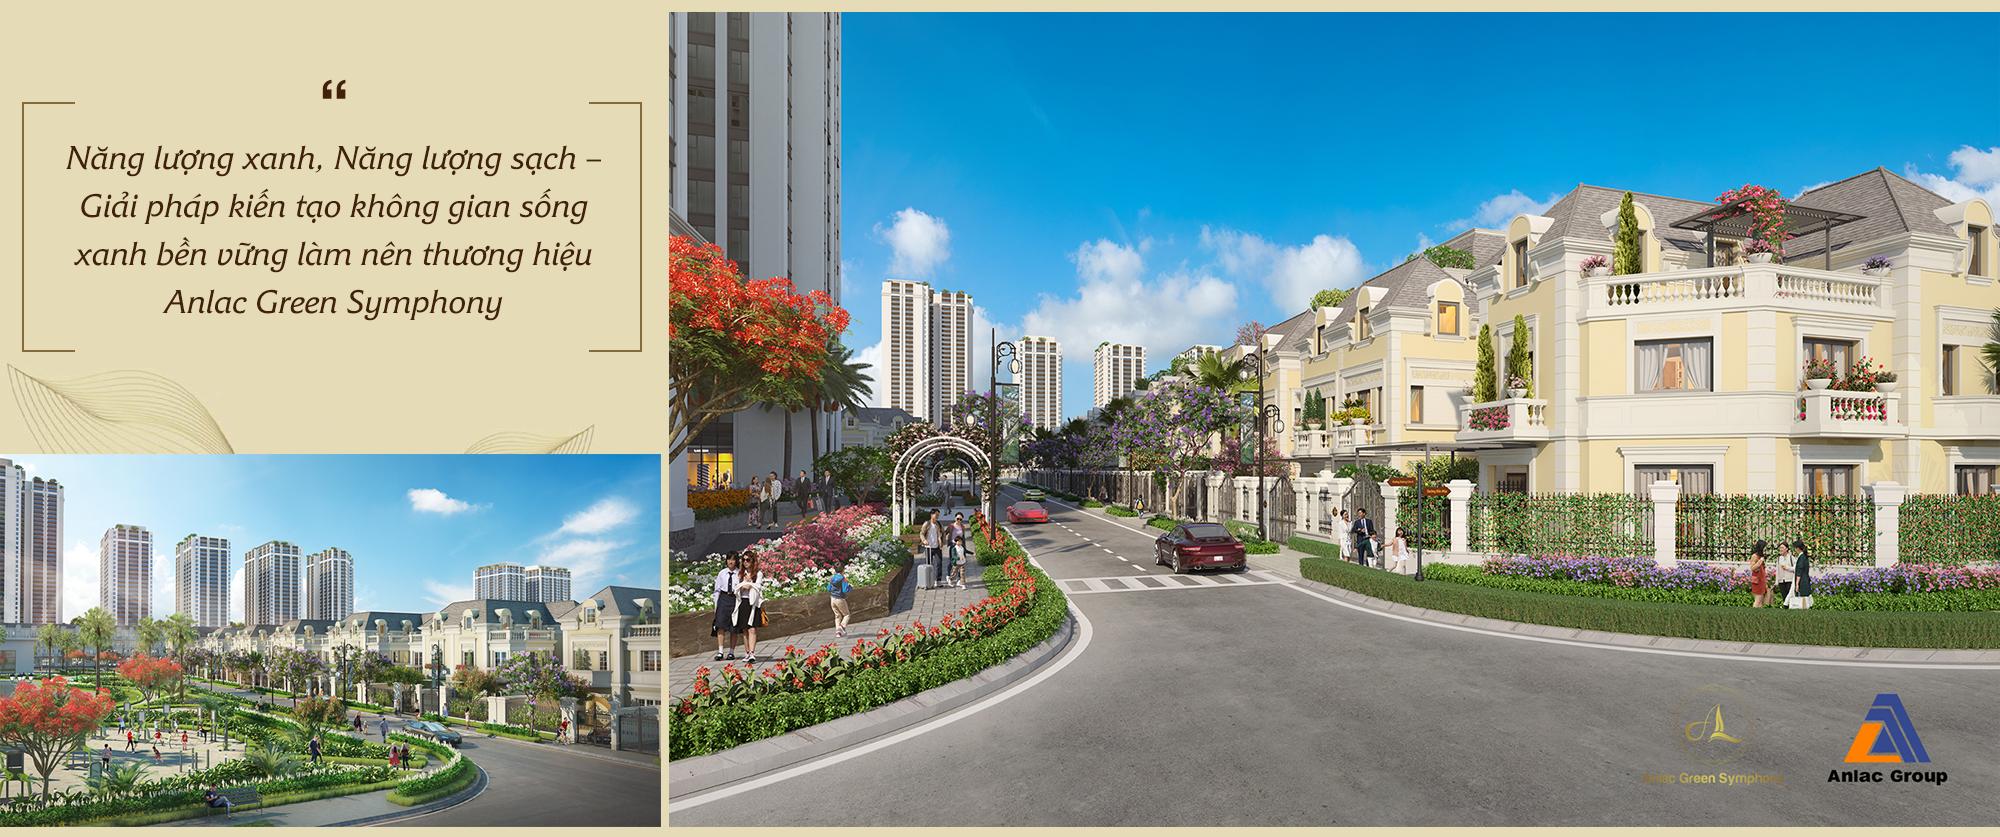 """Kiến tạo mô hình đô thị """"bán khép kín"""" đầu tiên tại phía Tây Hà Nội, Anlac Group tiếp tục khẳng định vị thế trên thị trường bất động sản - Ảnh 5."""